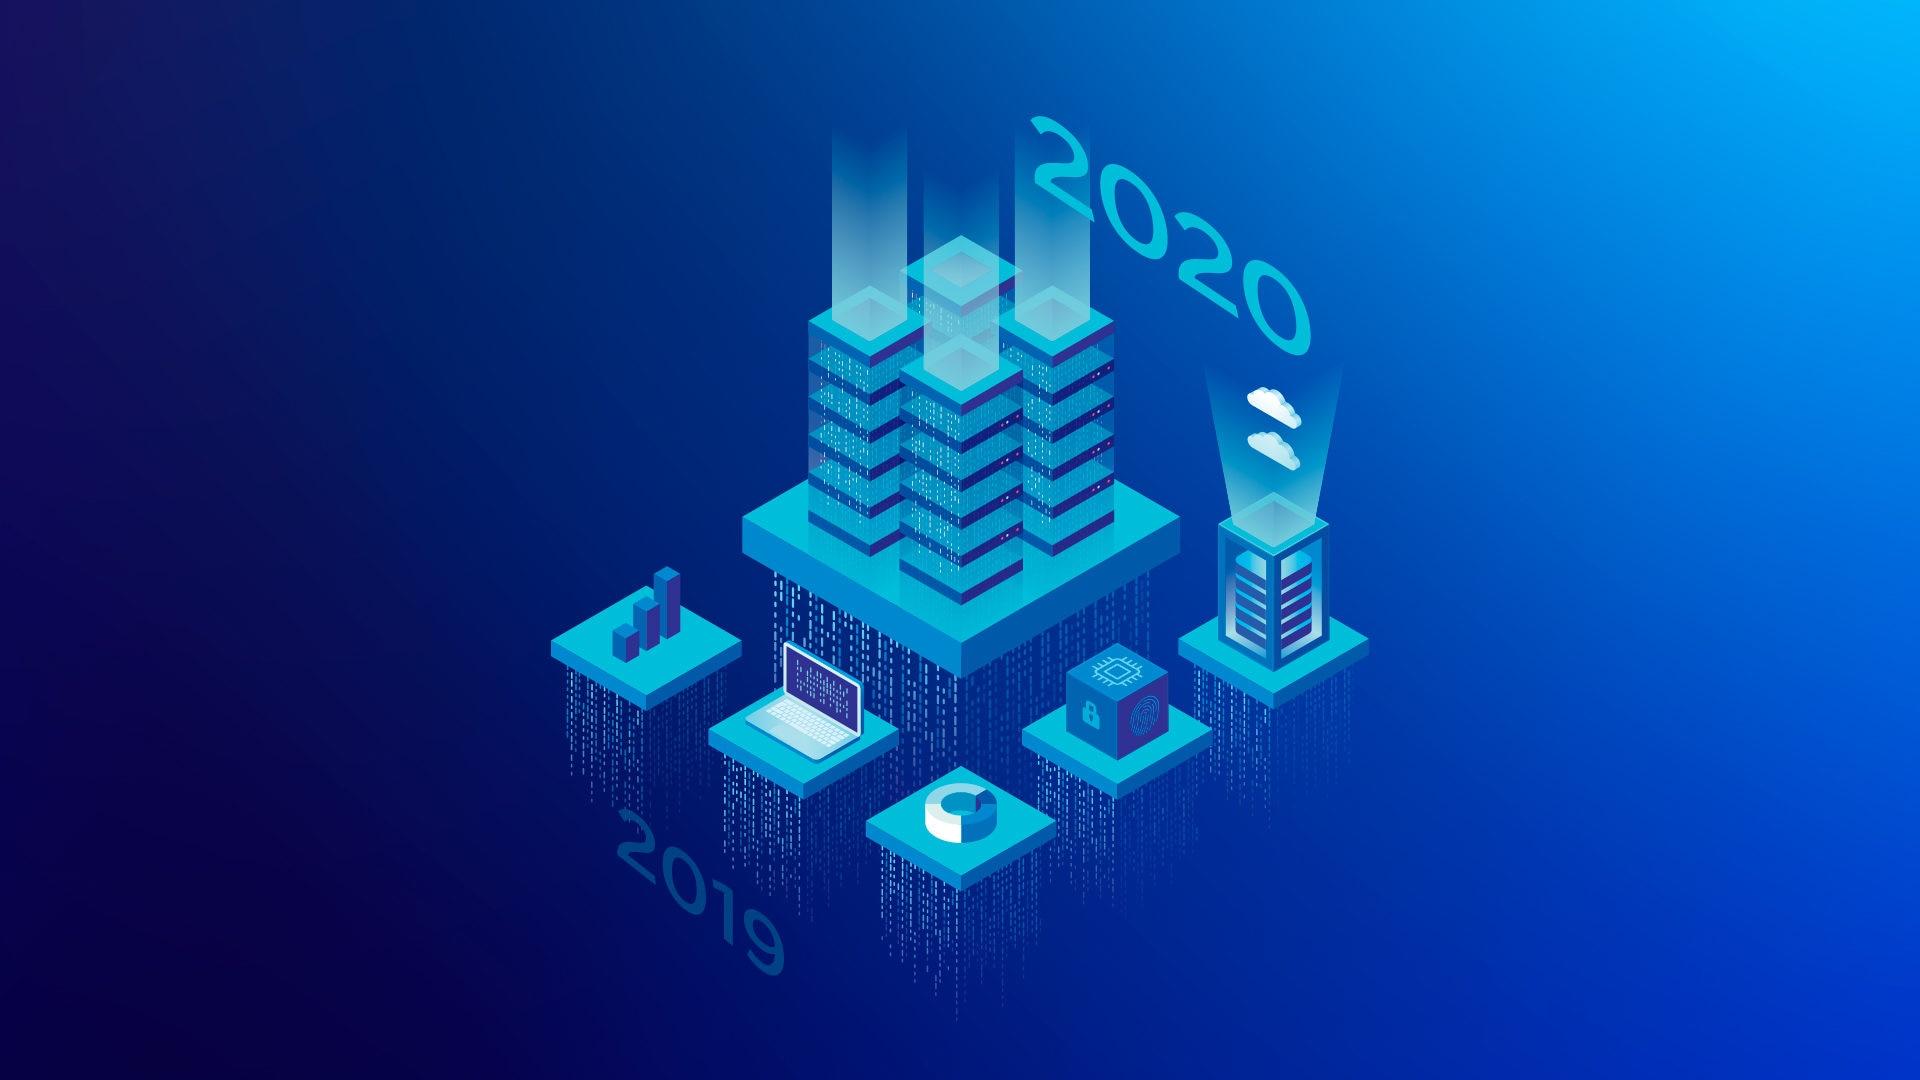 tecnologia-2019-2020-expertos-bbva-I